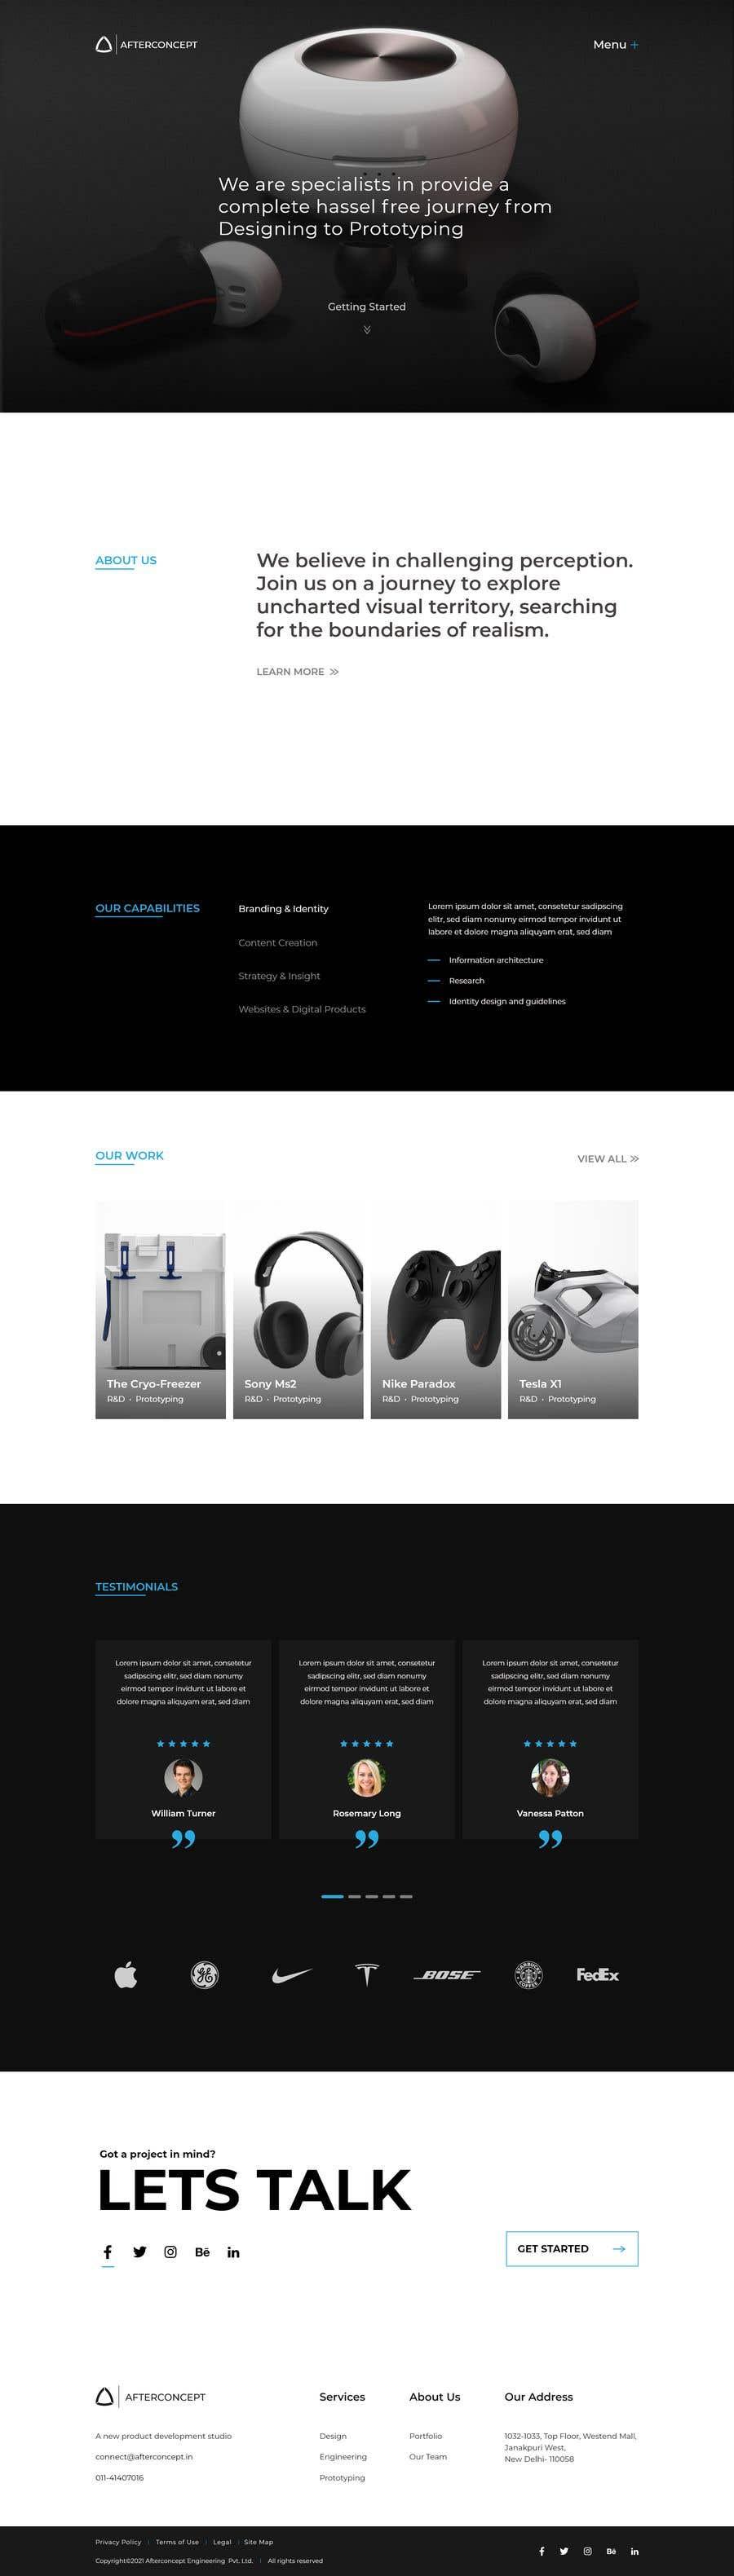 Konkurrenceindlæg #                                        25                                      for                                         Improve UI/UX design for the website